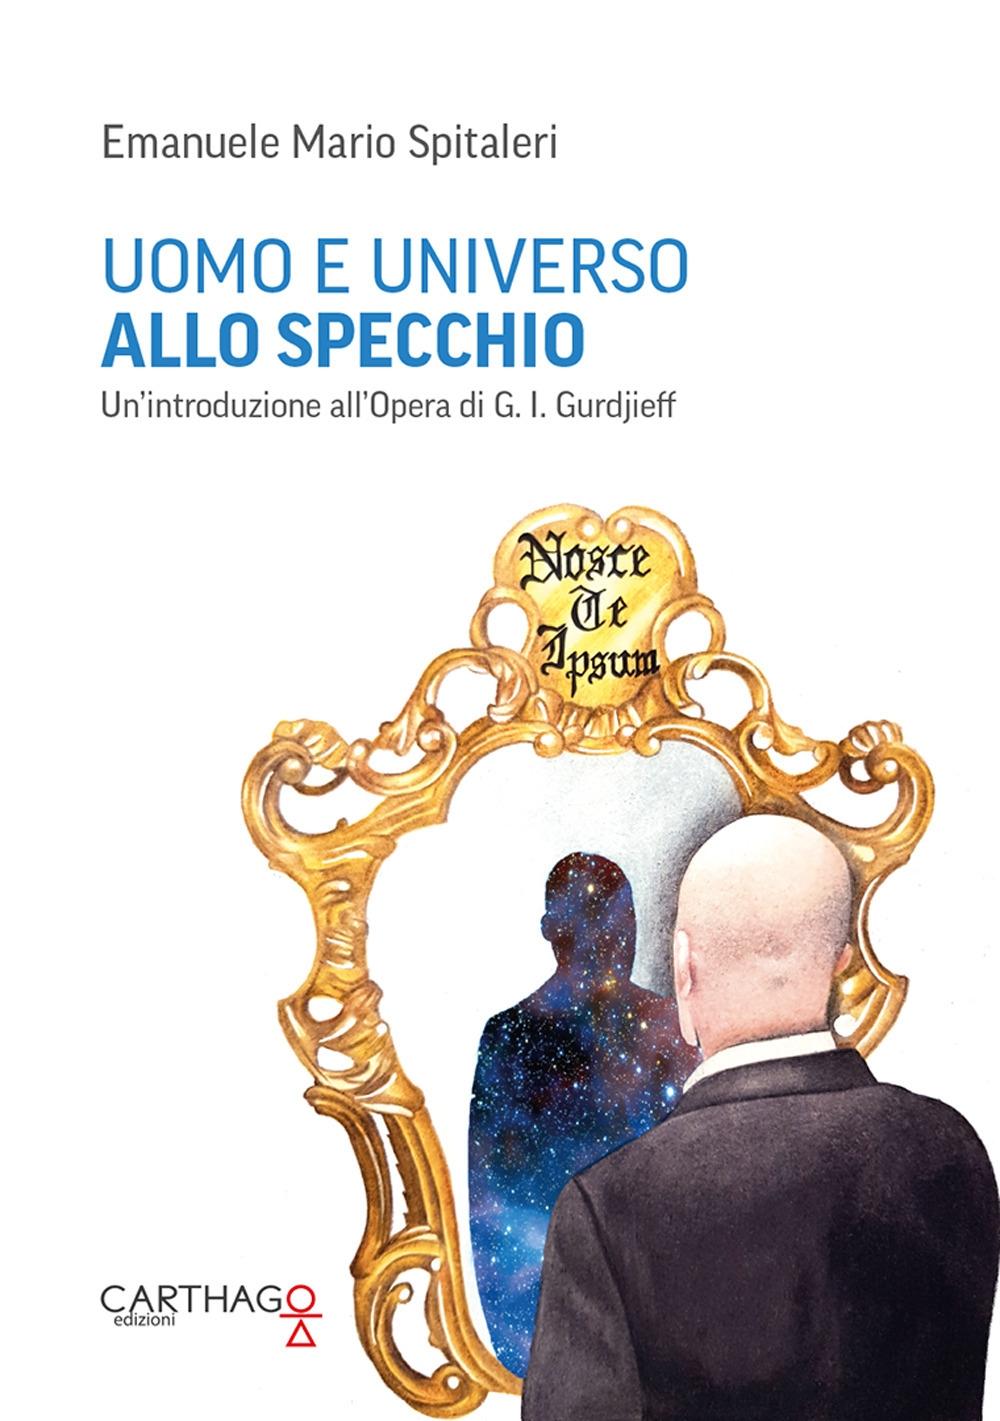 Uomo e universo allo specchio. Un'introduzione all'opera di G.I. Gurdjieff